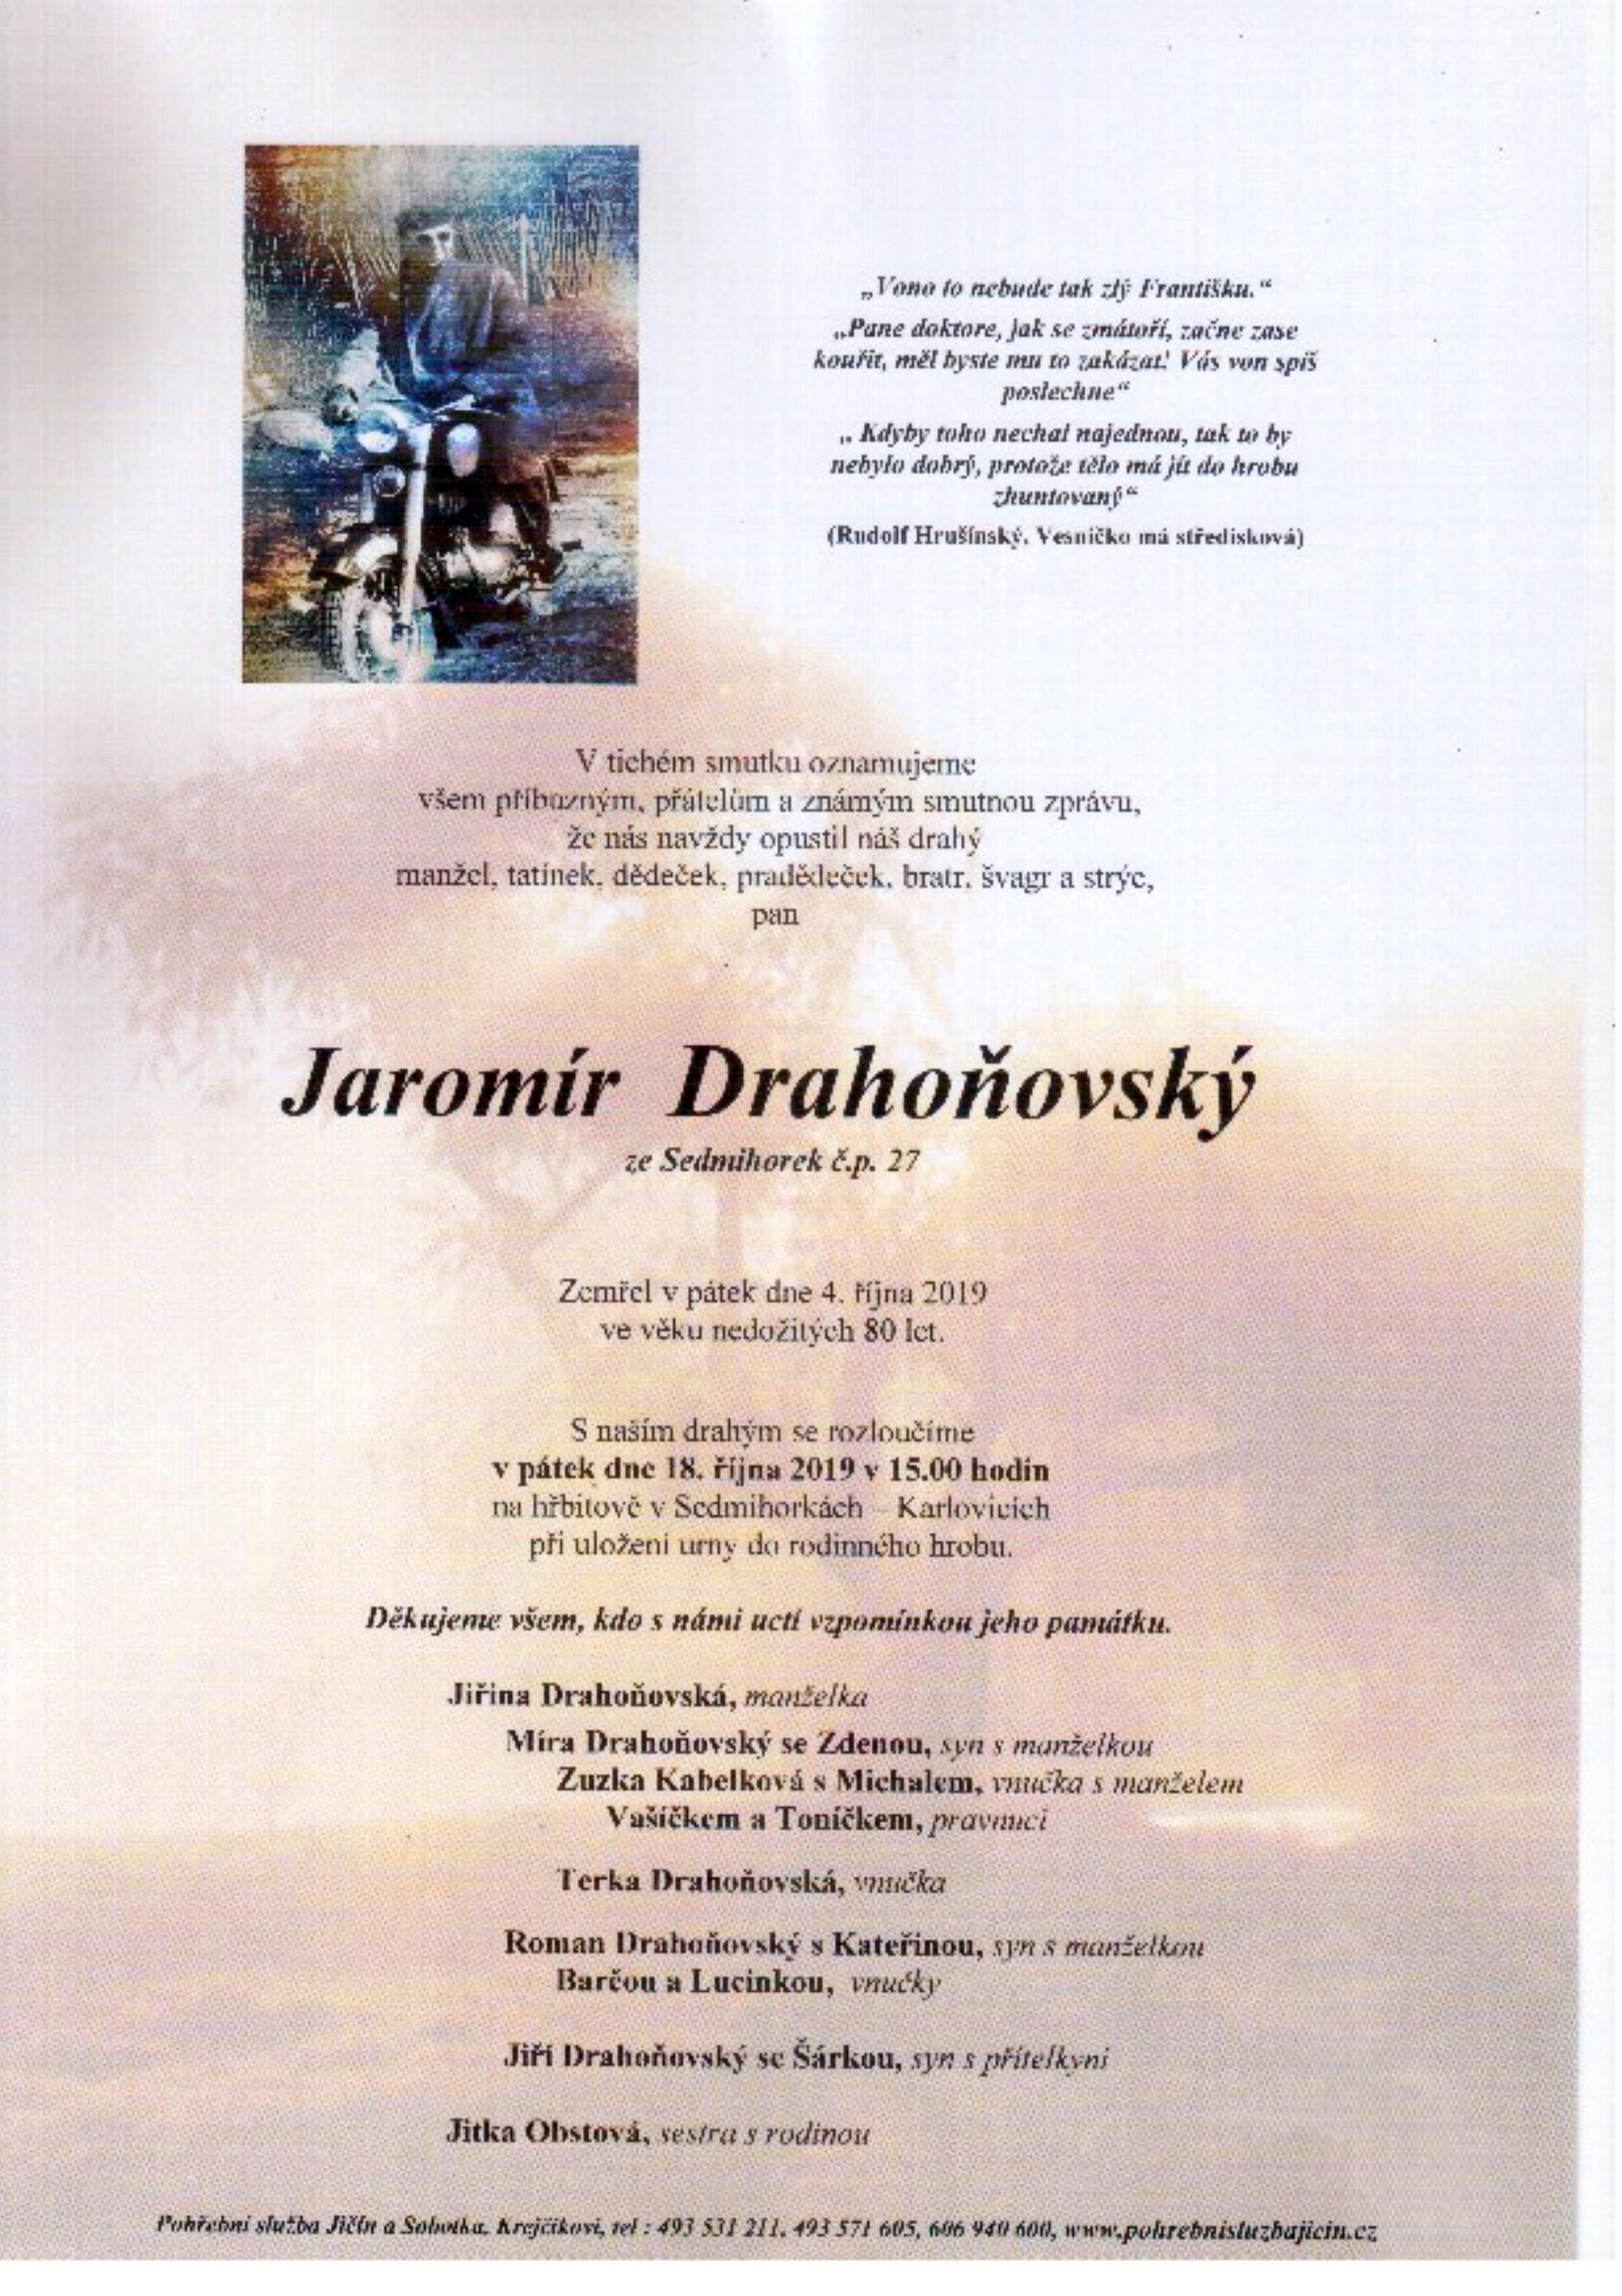 Jaromír Drahoňovský